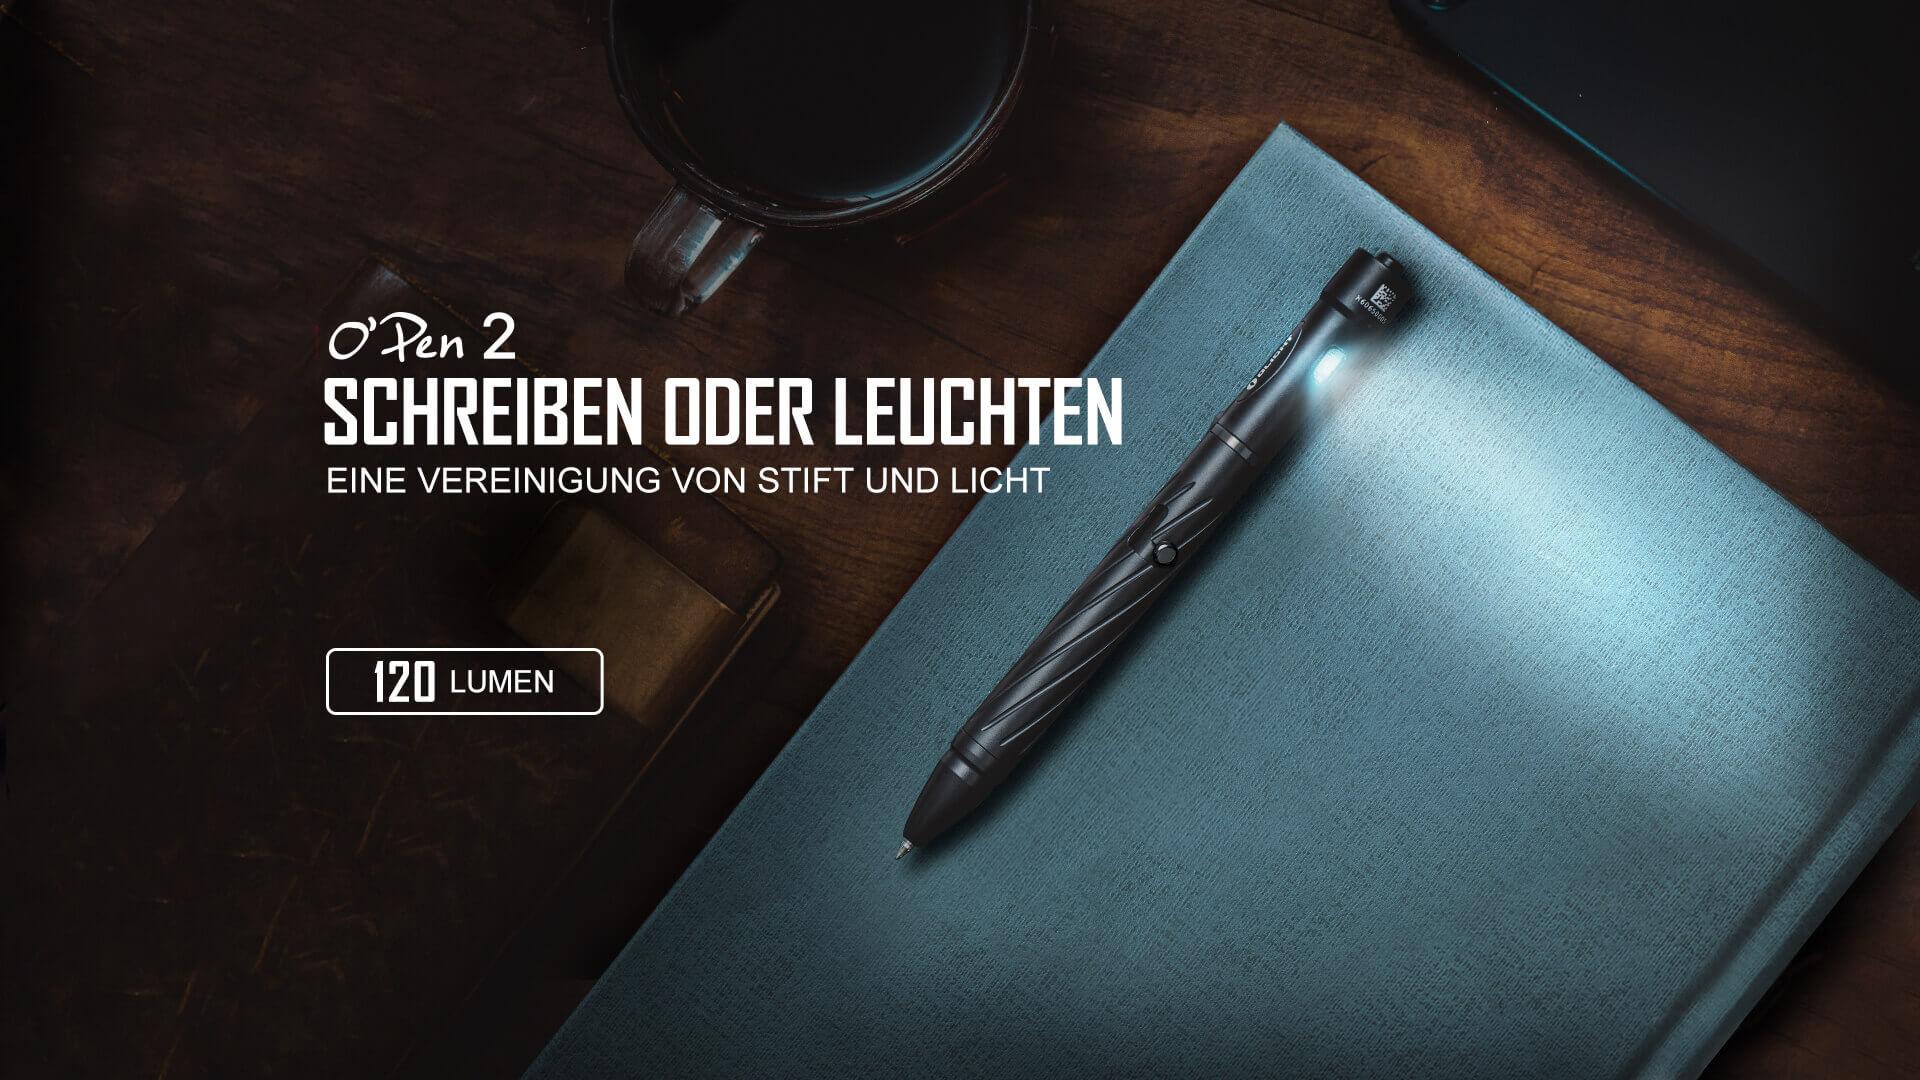 OLIGHTs erster EDC-Stift mit Beleuchtungsfunktion, der zum Schreiben im Dunkeln genutzt werden kann.